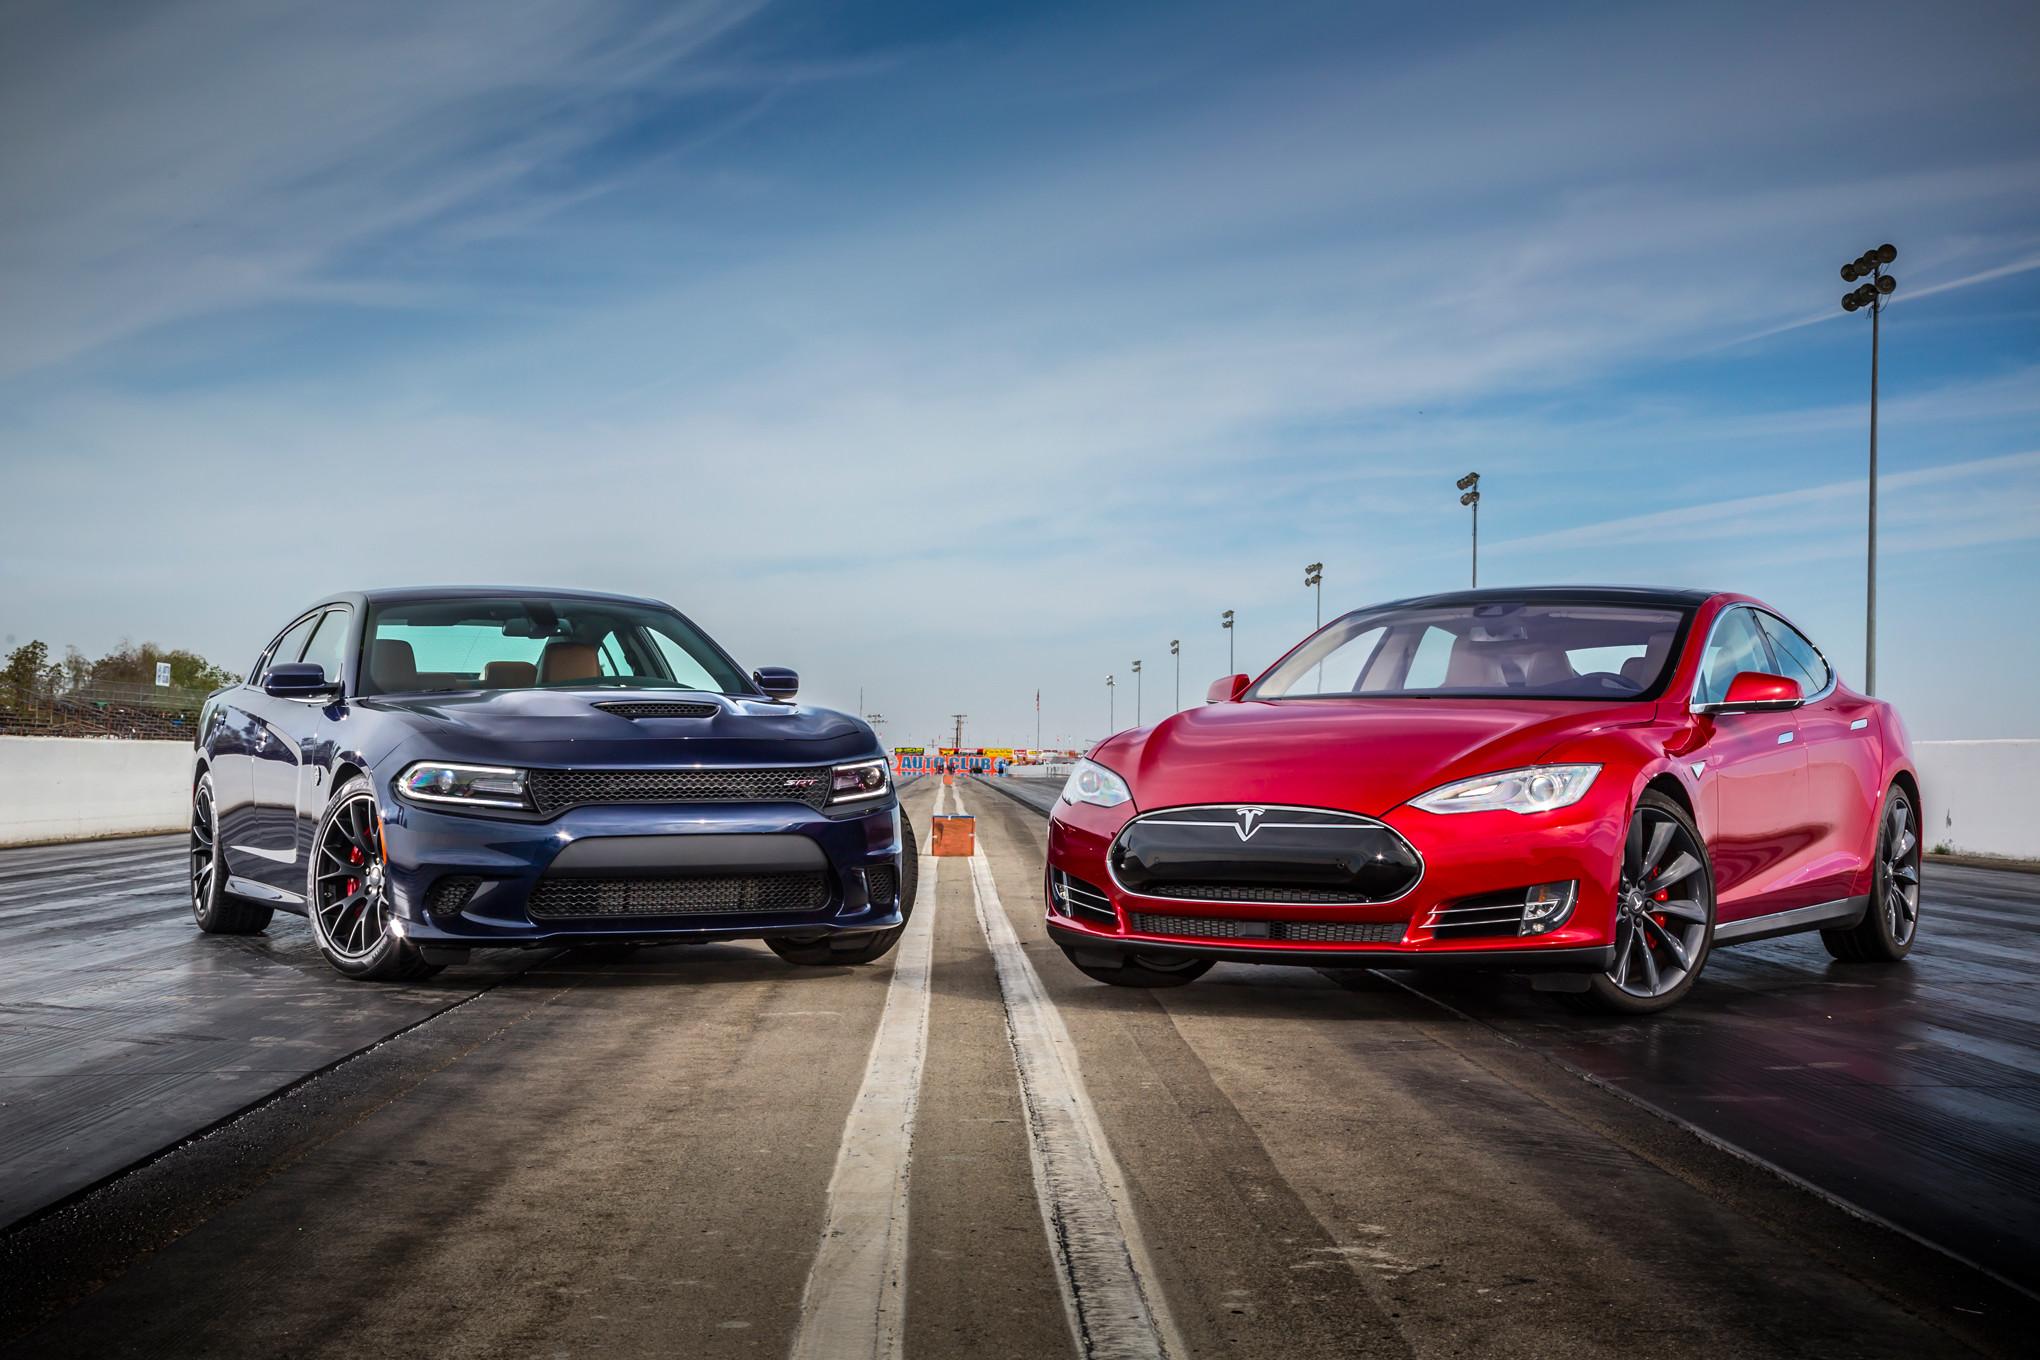 2015 Dodge Charger Srt Hellcat Tesla Model S